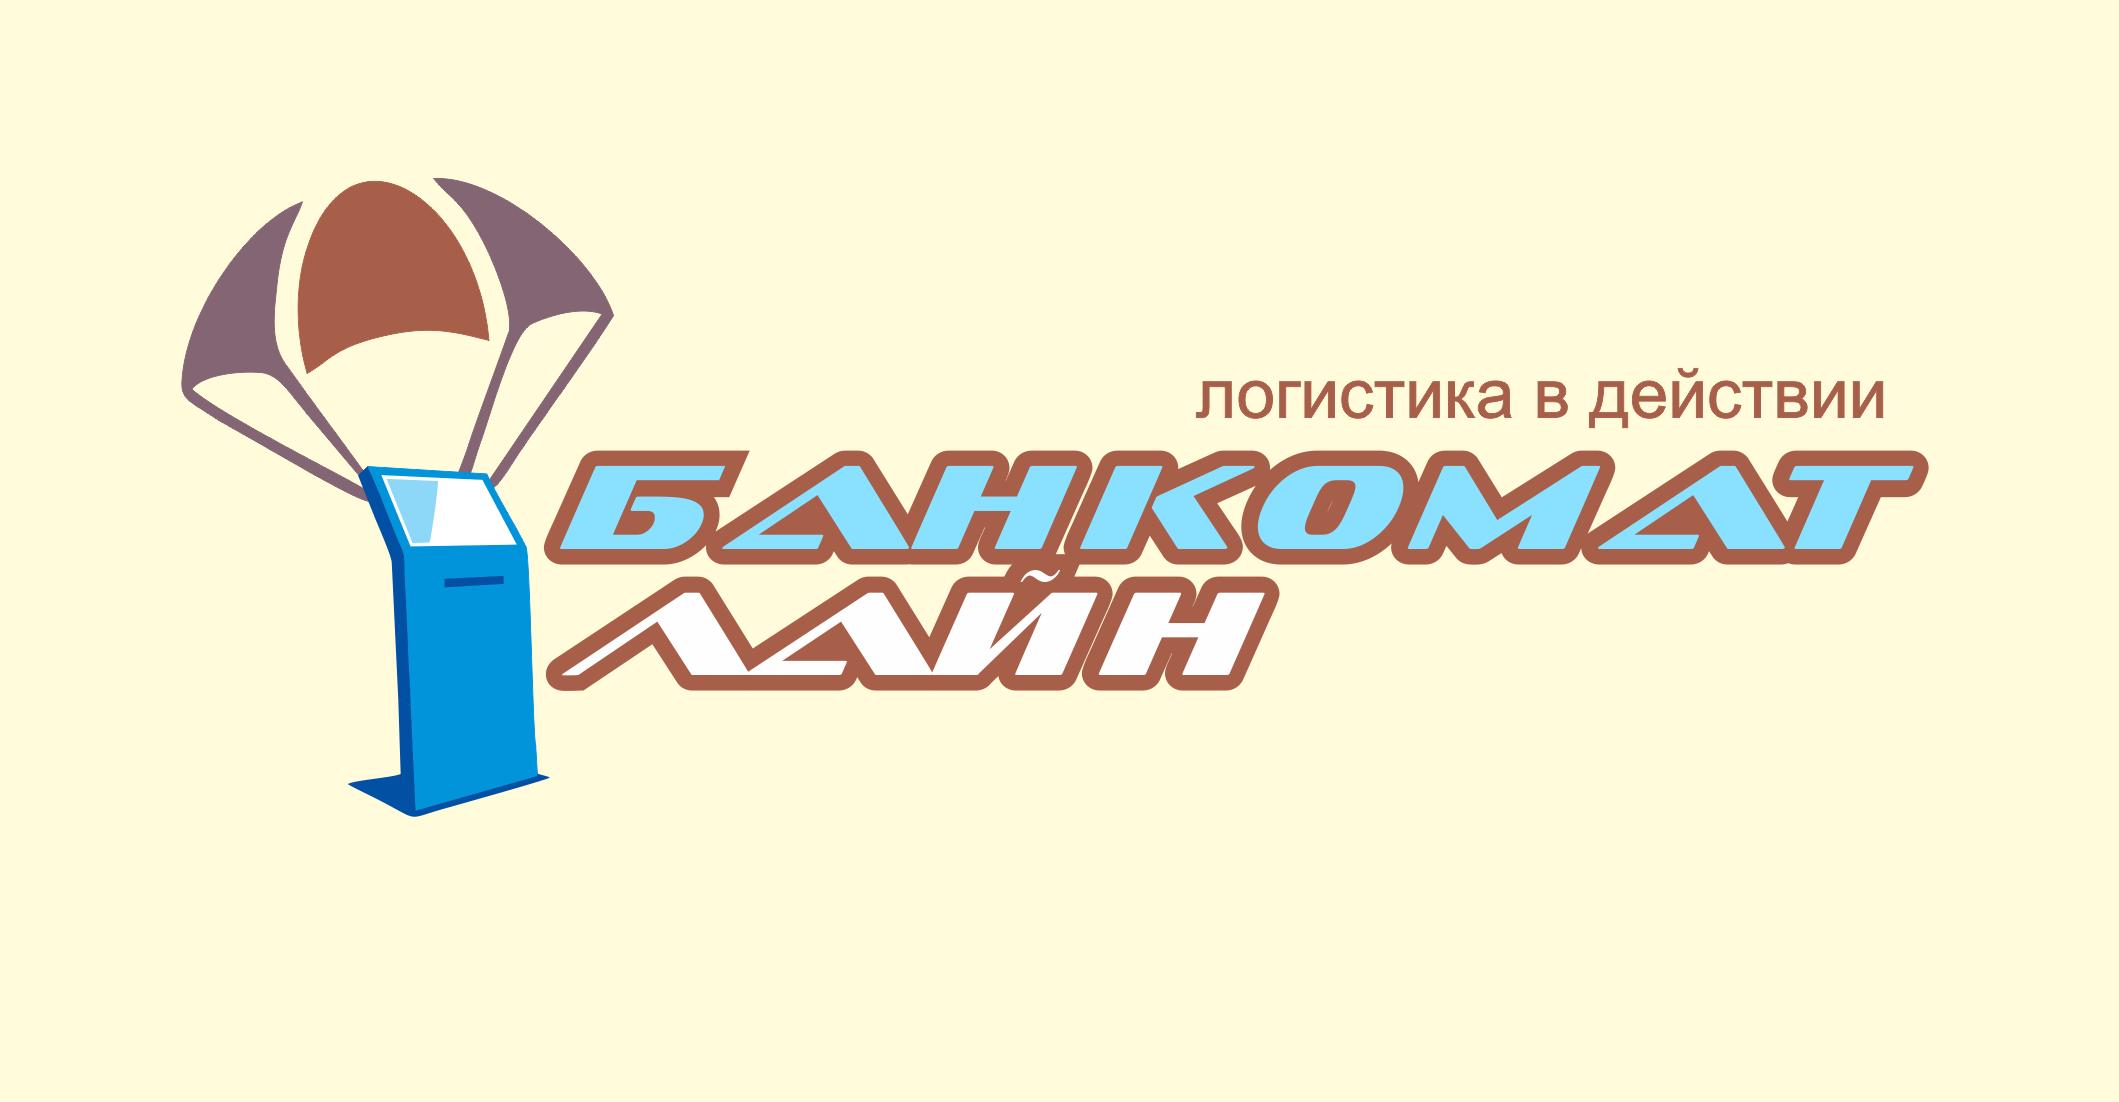 Разработка логотипа и слогана для транспортной компании фото f_534587cda3c005f2.png